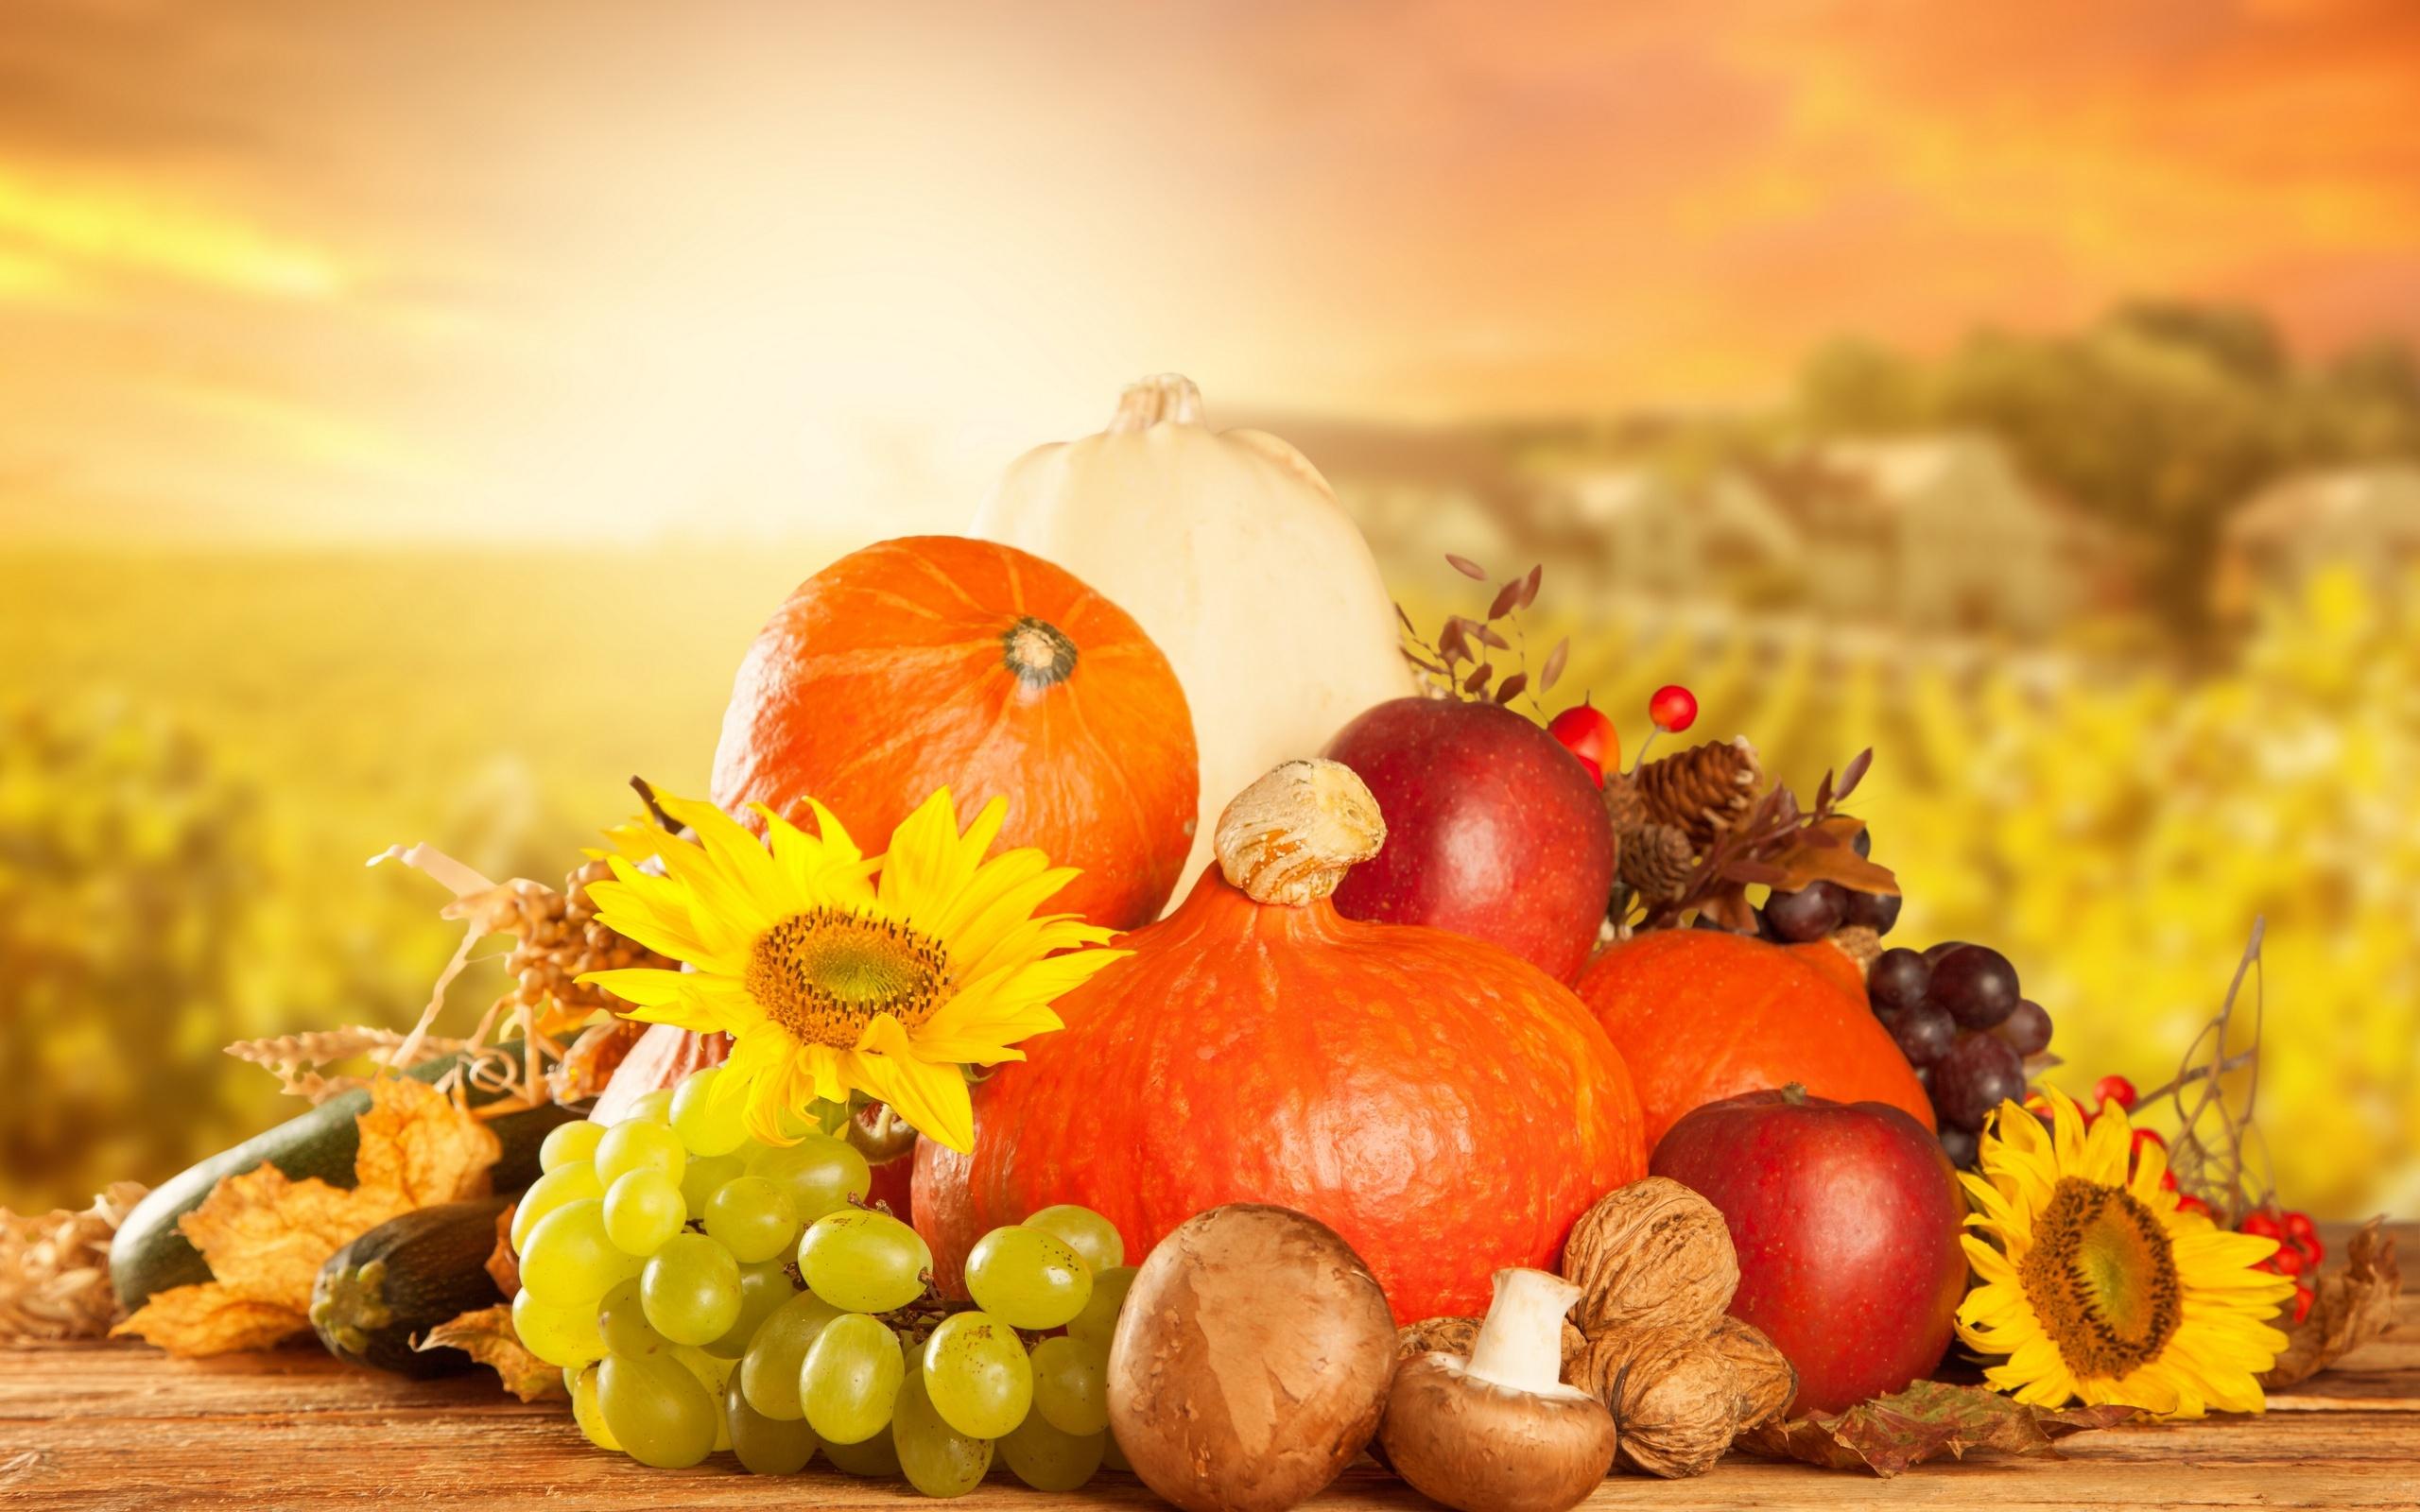 обои на рабочий стол овощи фрукты осень 15494